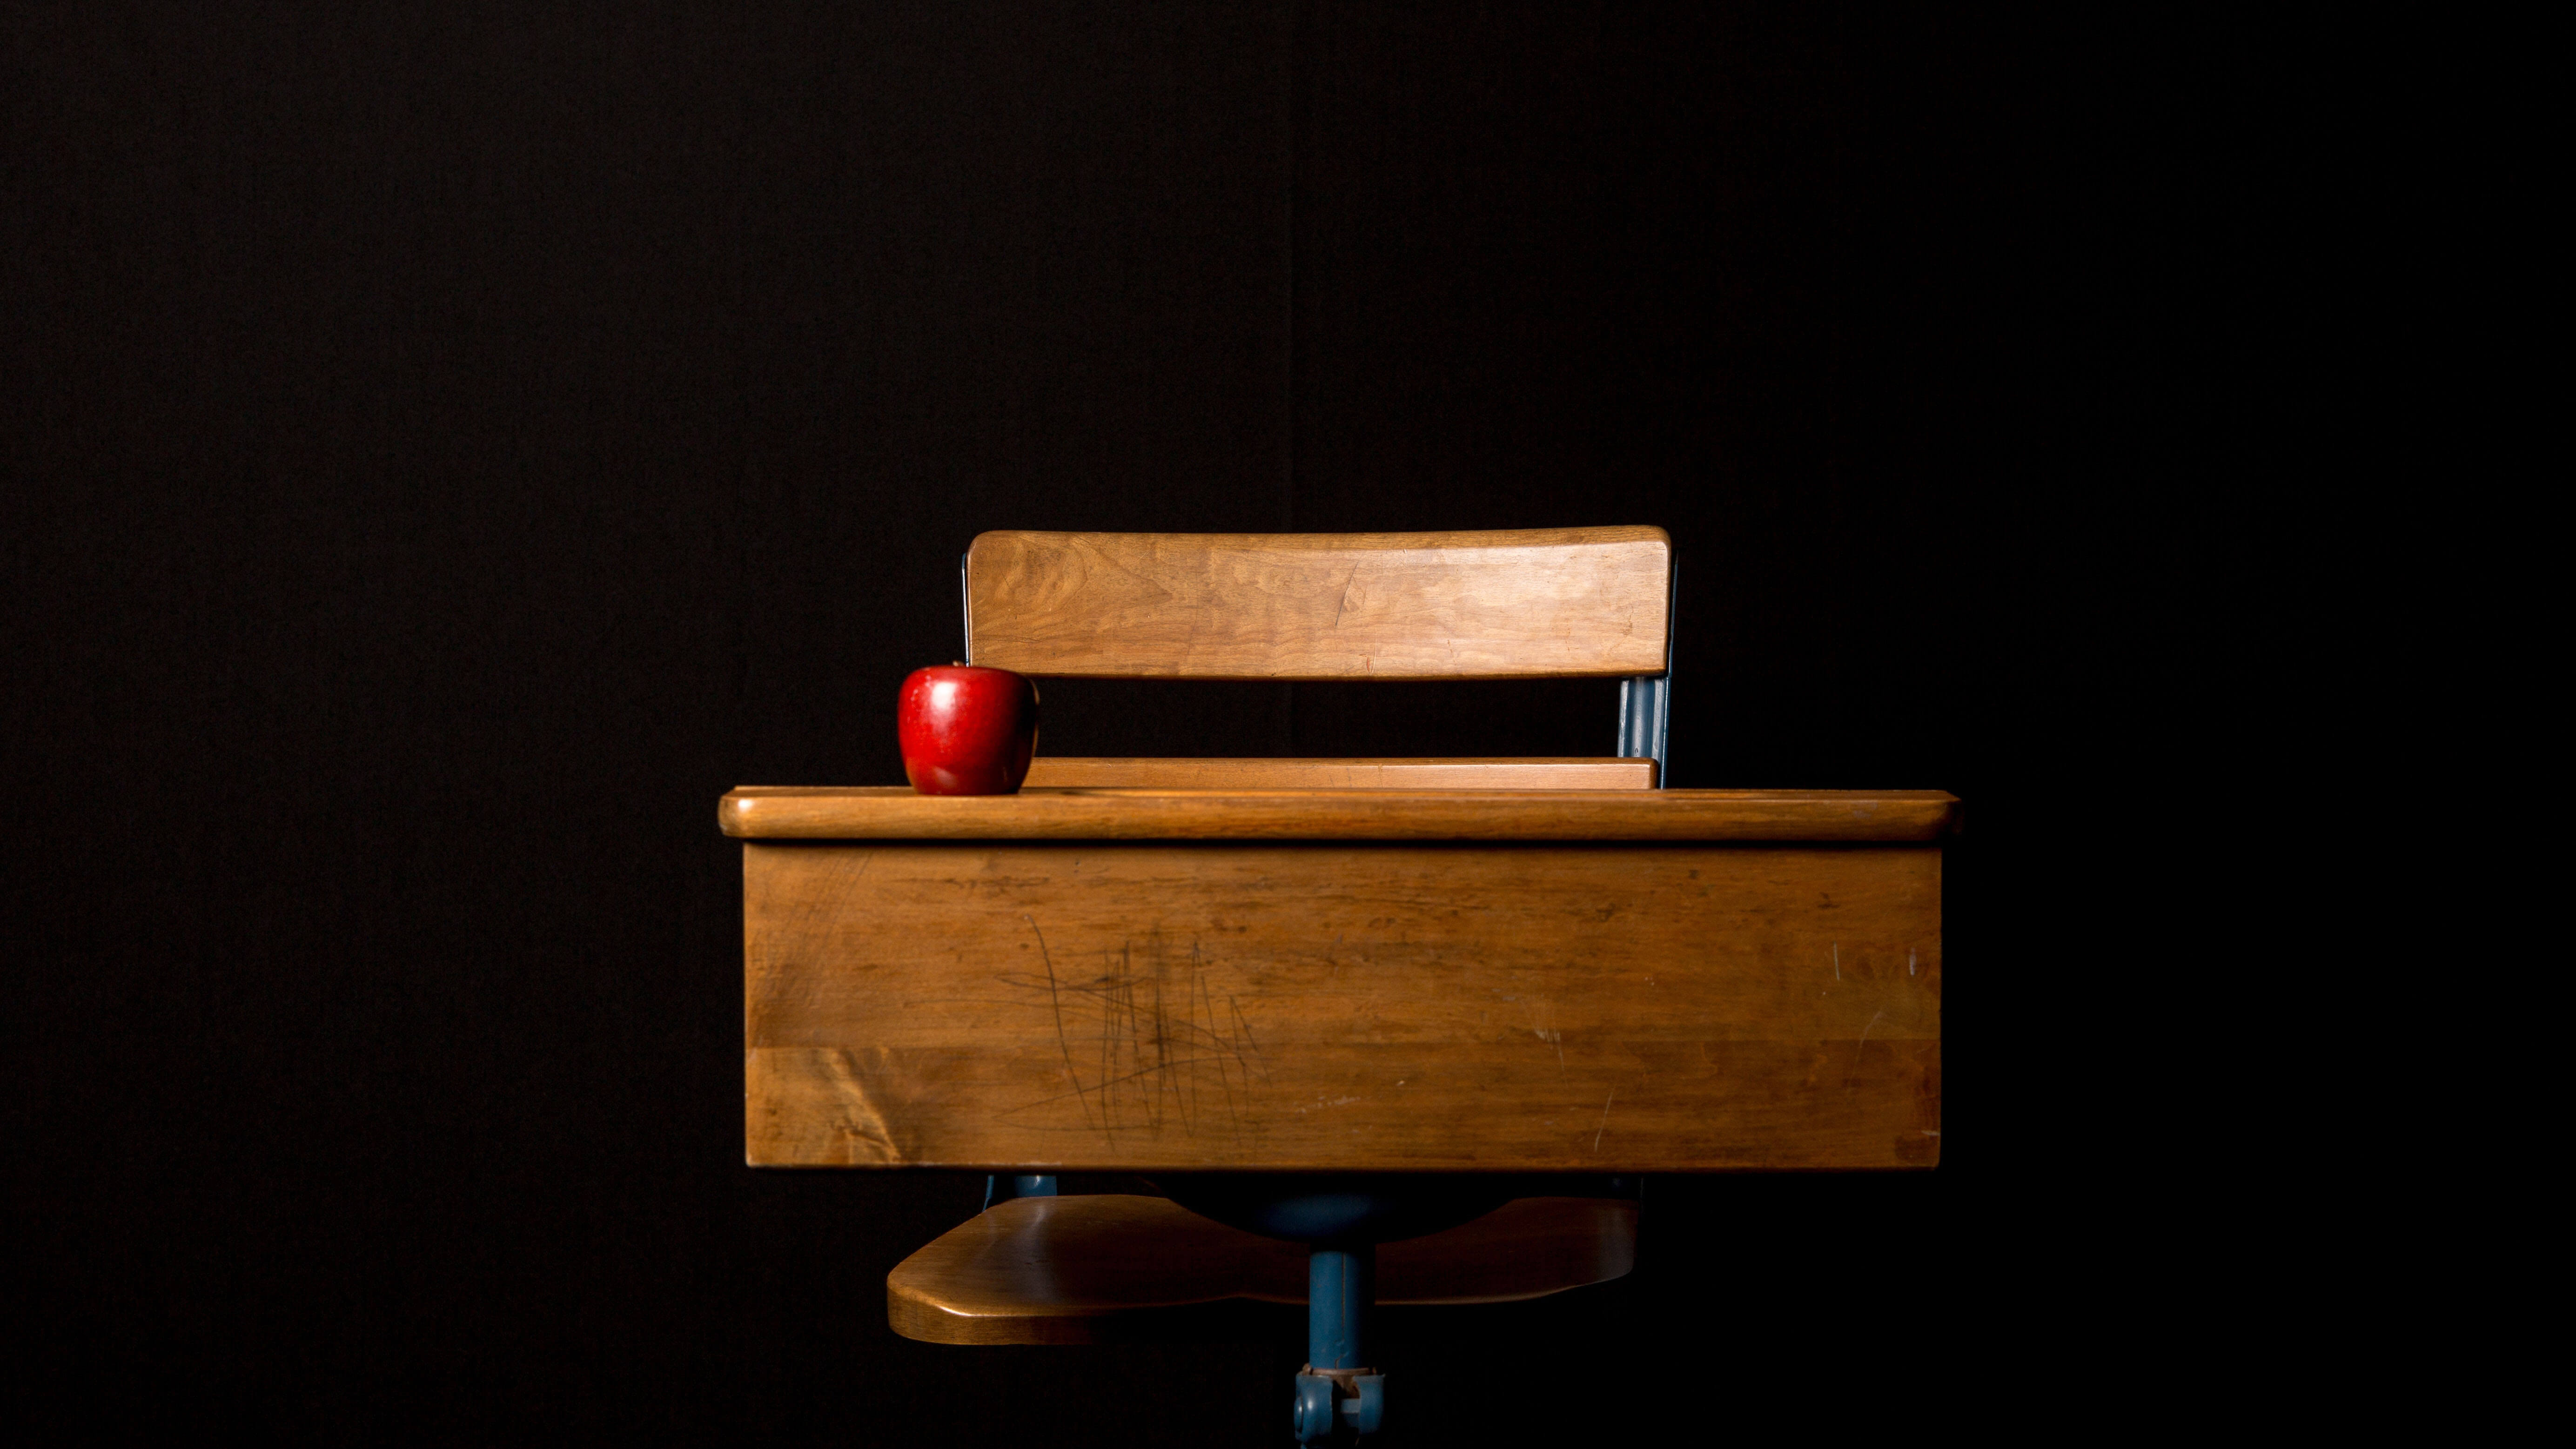 Mesa de estudante com maçã vermelha em cima e fundo preto atrás